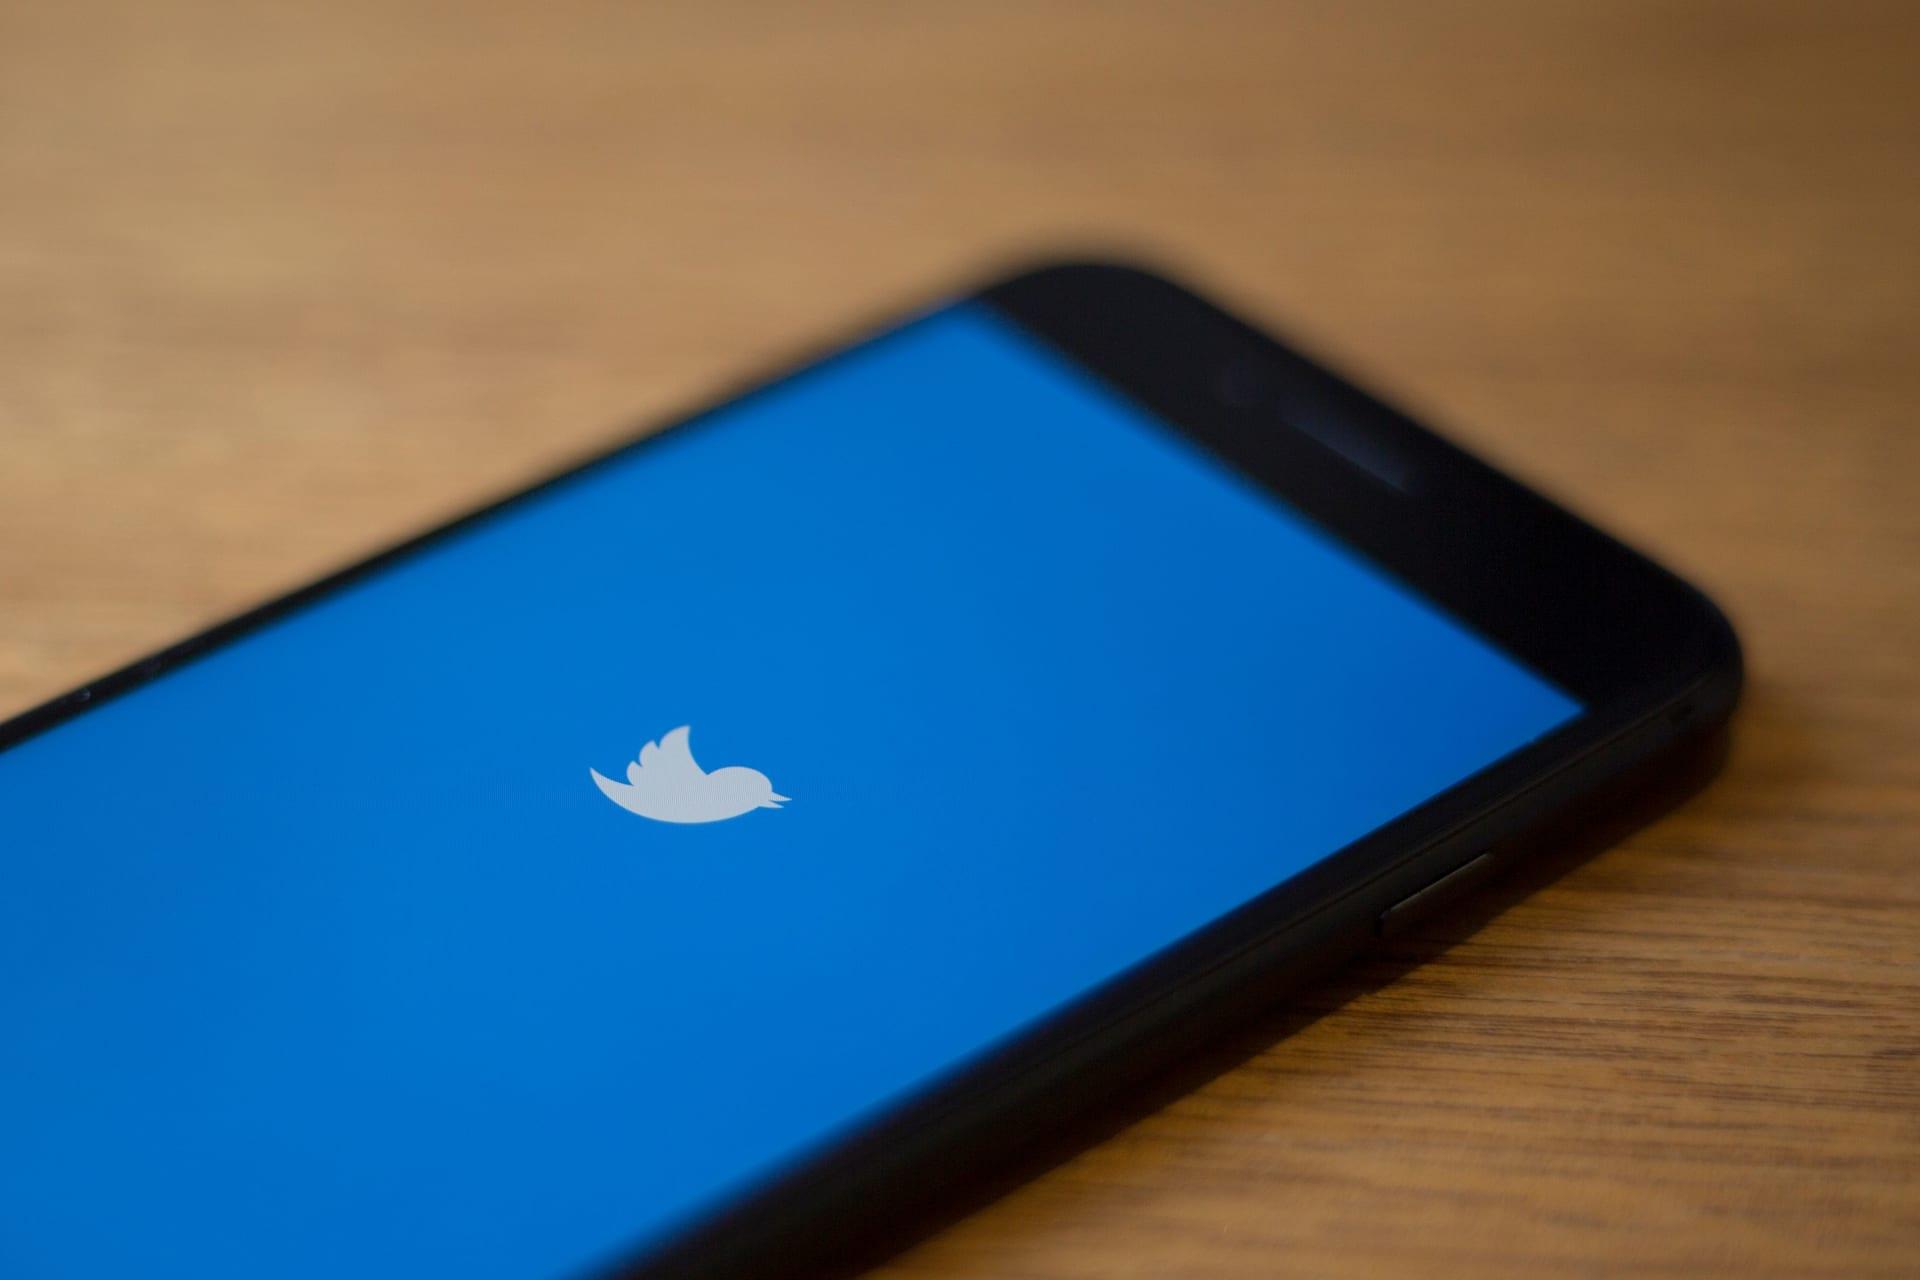 السلطات الأمريكية: مراهق يقف وراء الاختراق الكبير لحسابات مشاهير تويتر